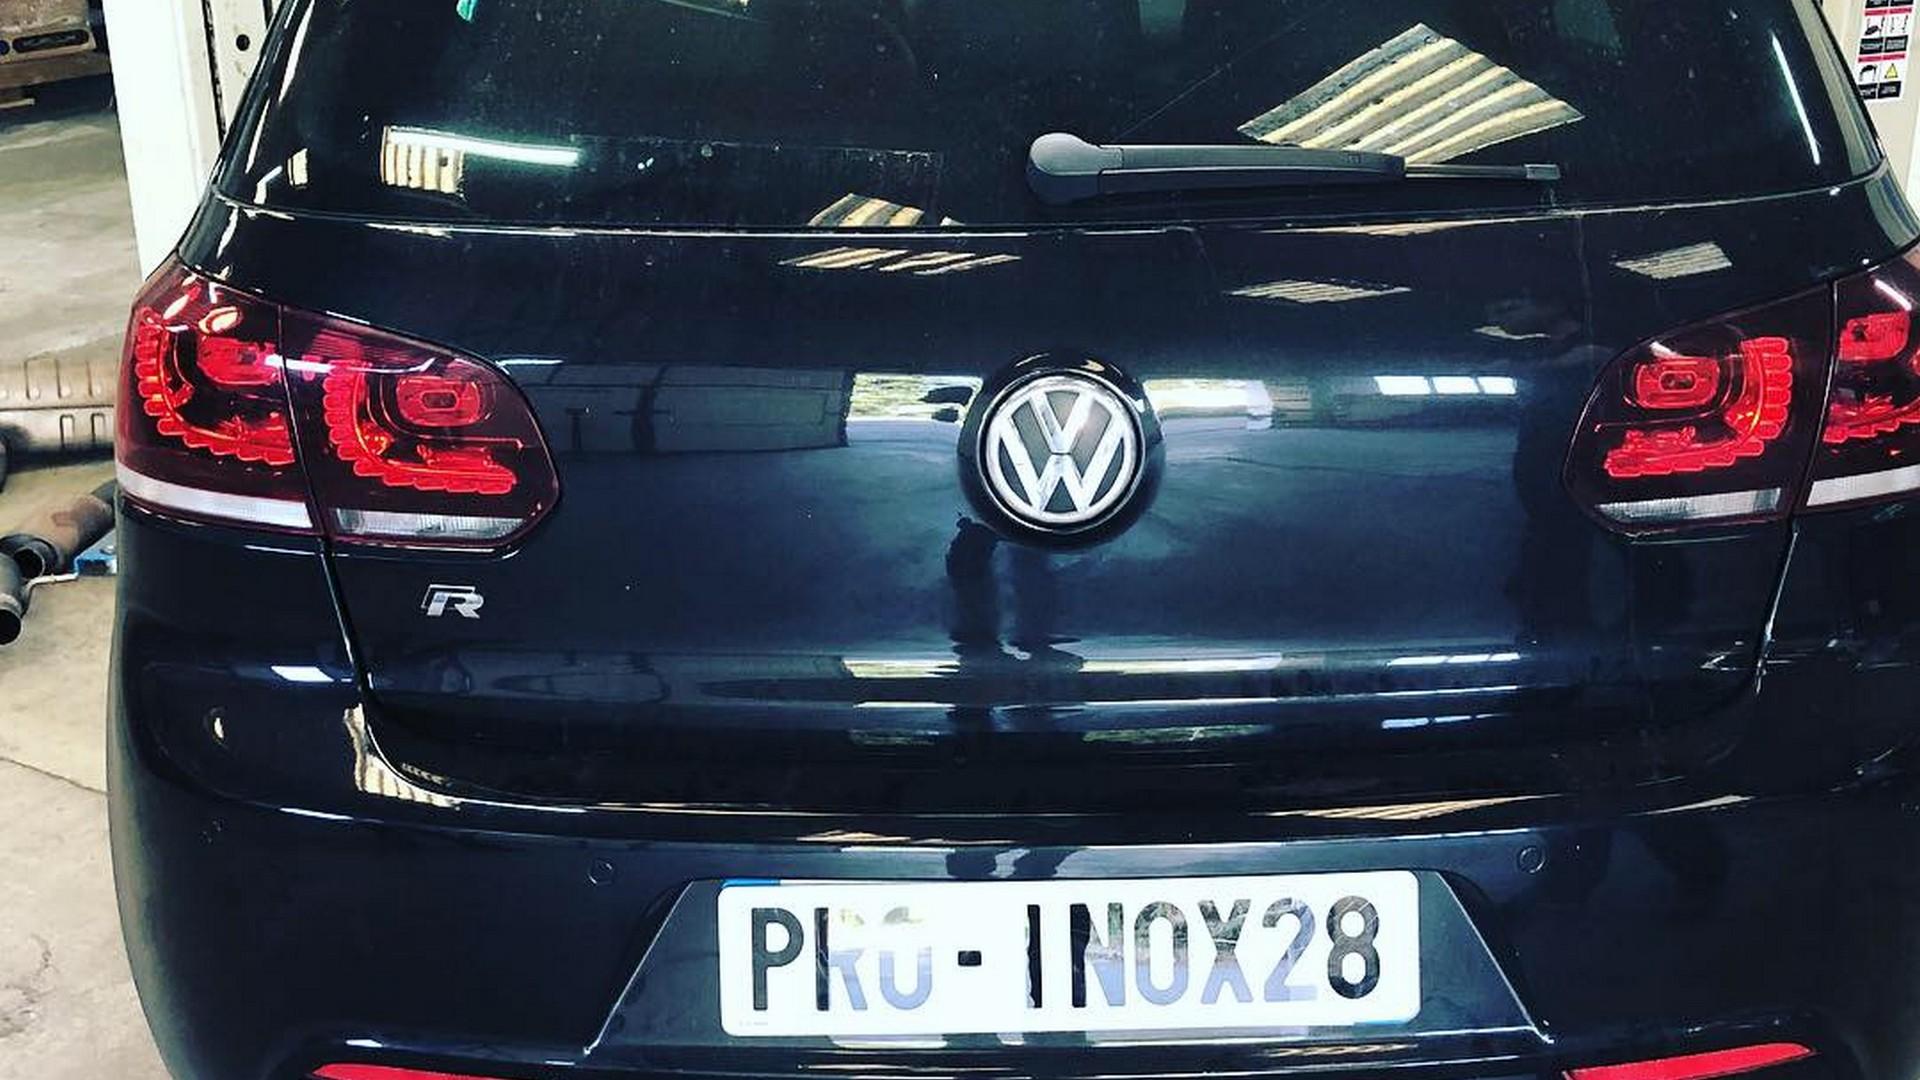 Proinox28 - echappement inox Volkswagen Golf 6 R